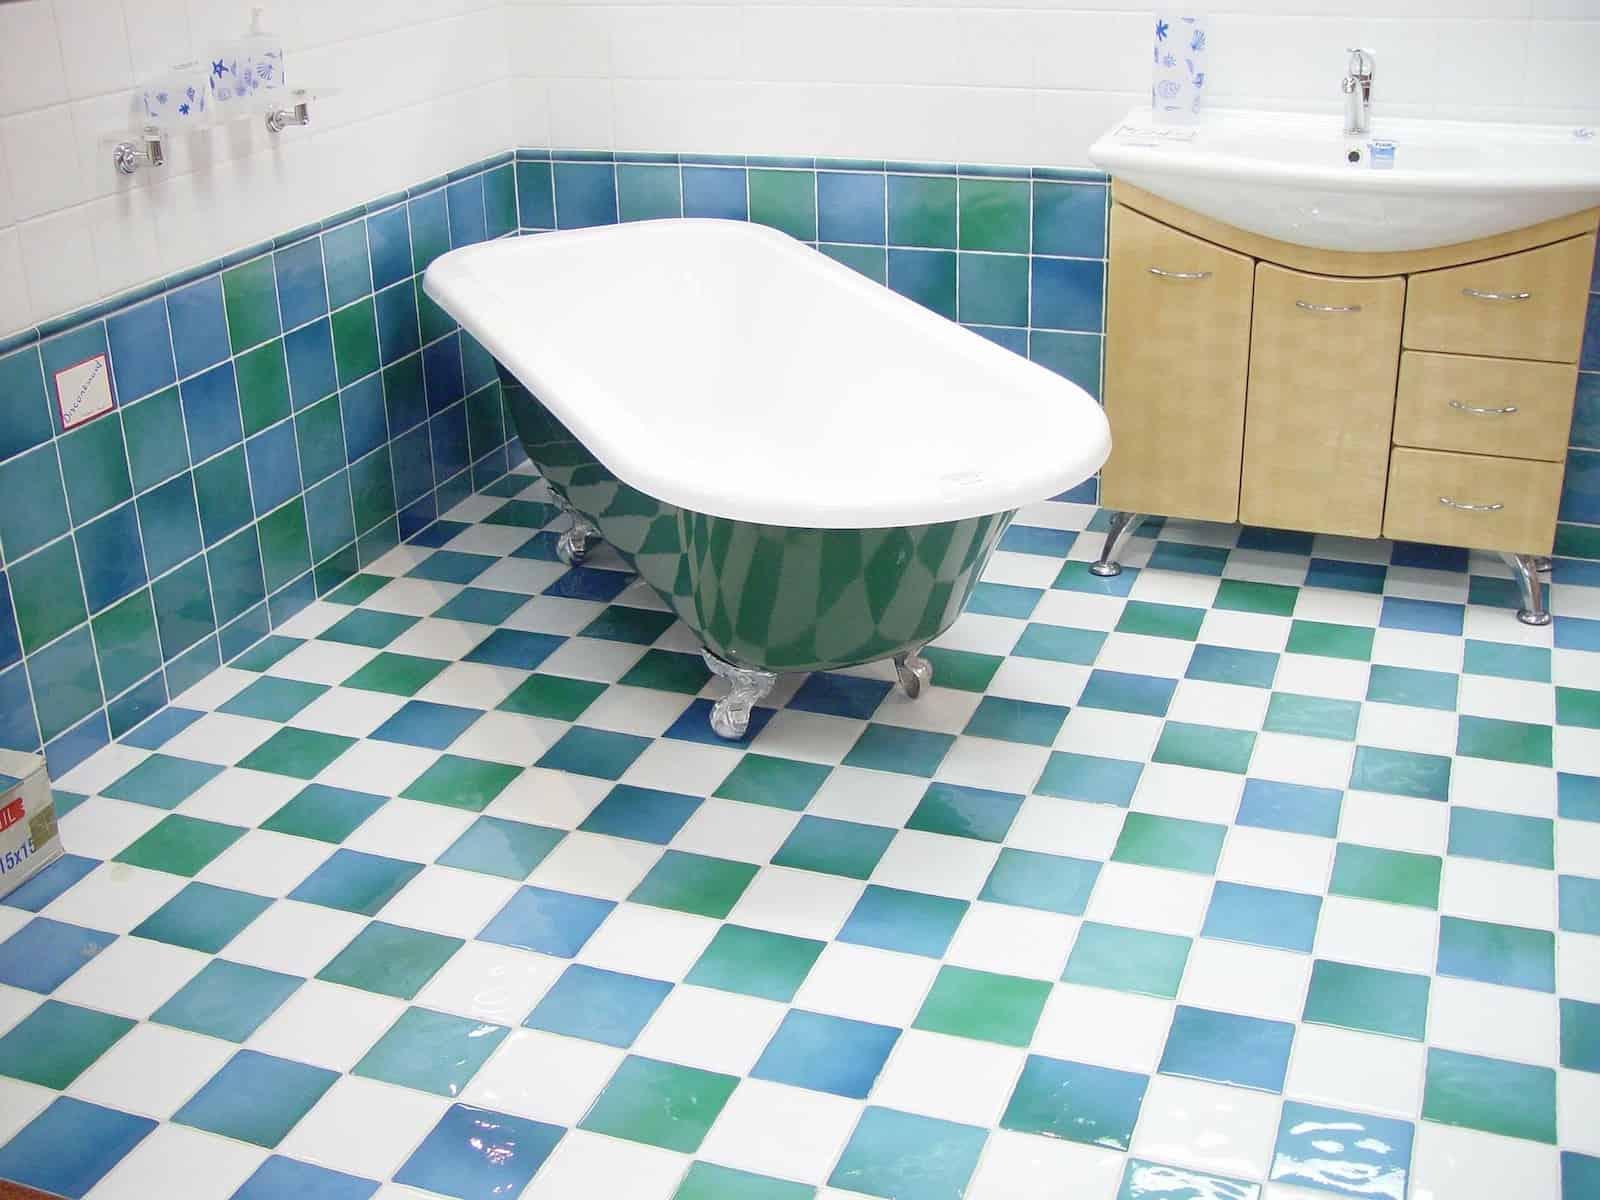 Banyoyu iki yatay yarıya bölün